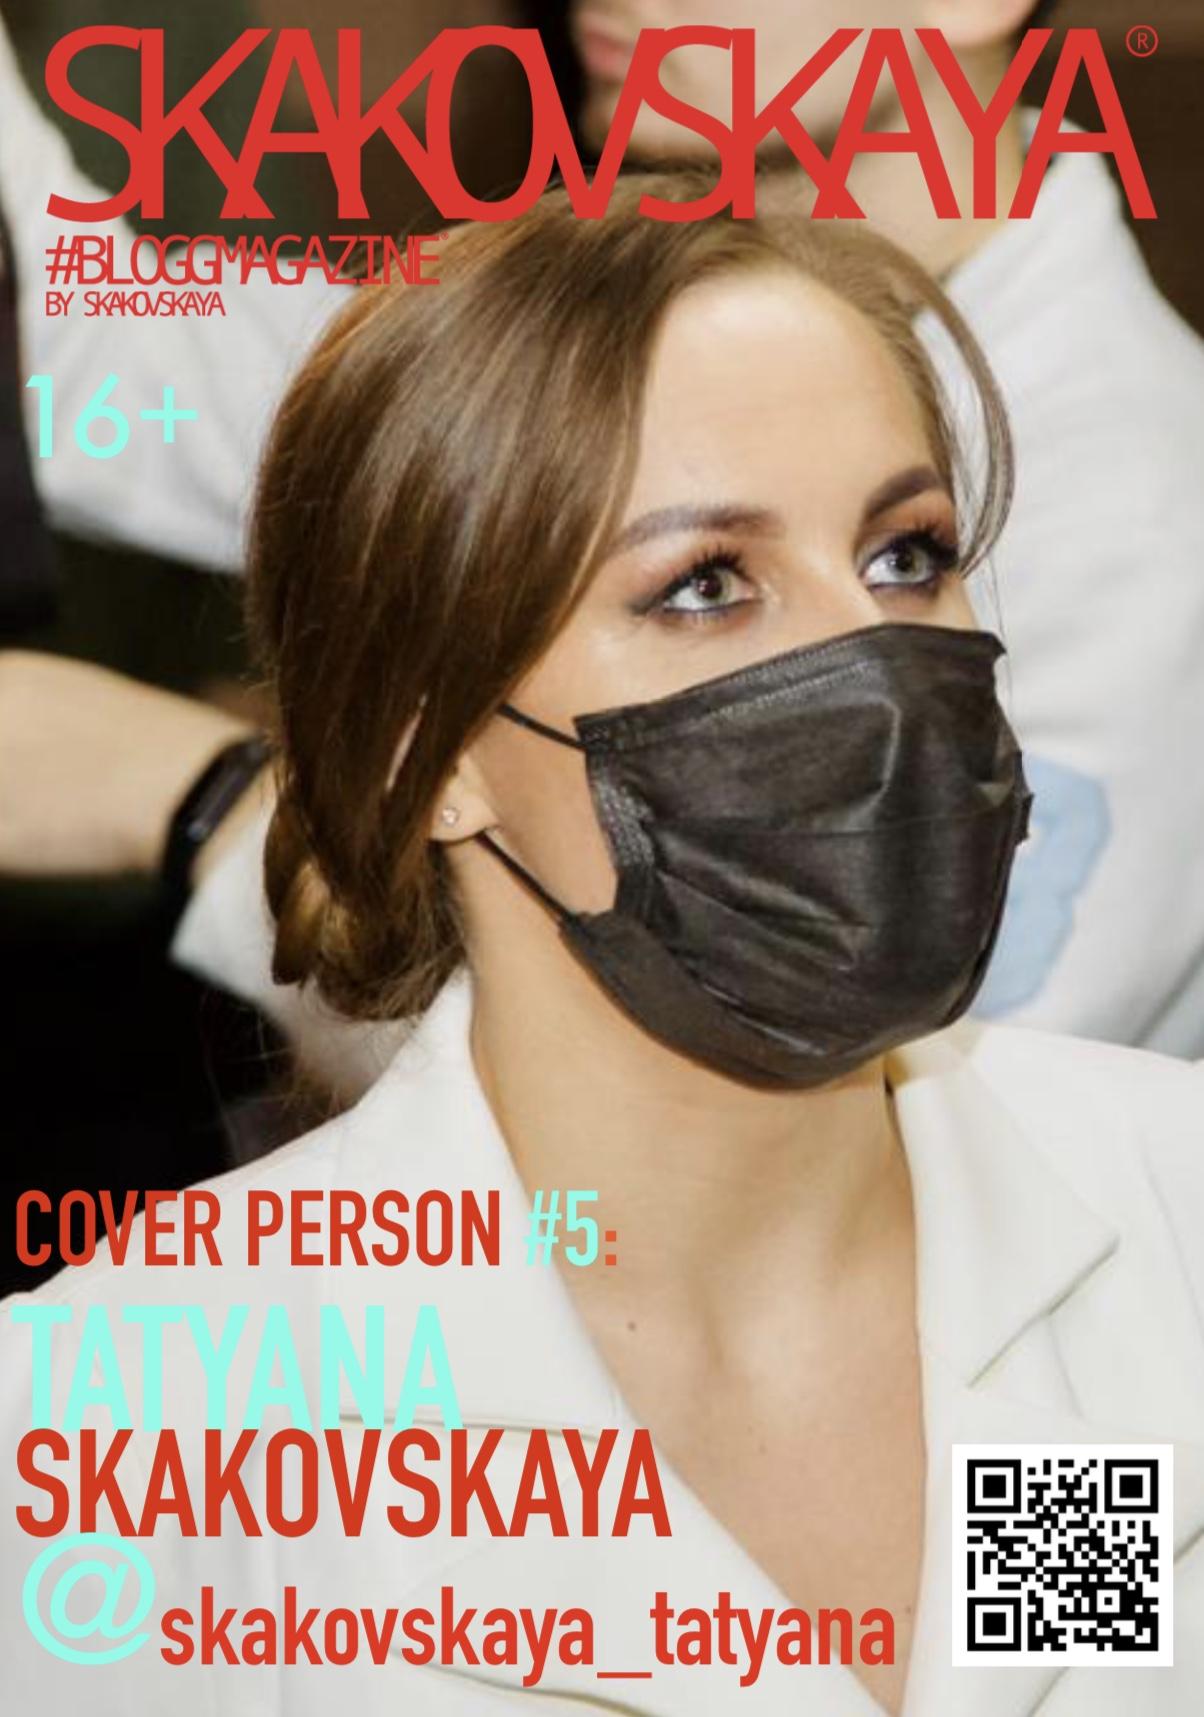 skakovskaya_bloggmagazine_online_2020